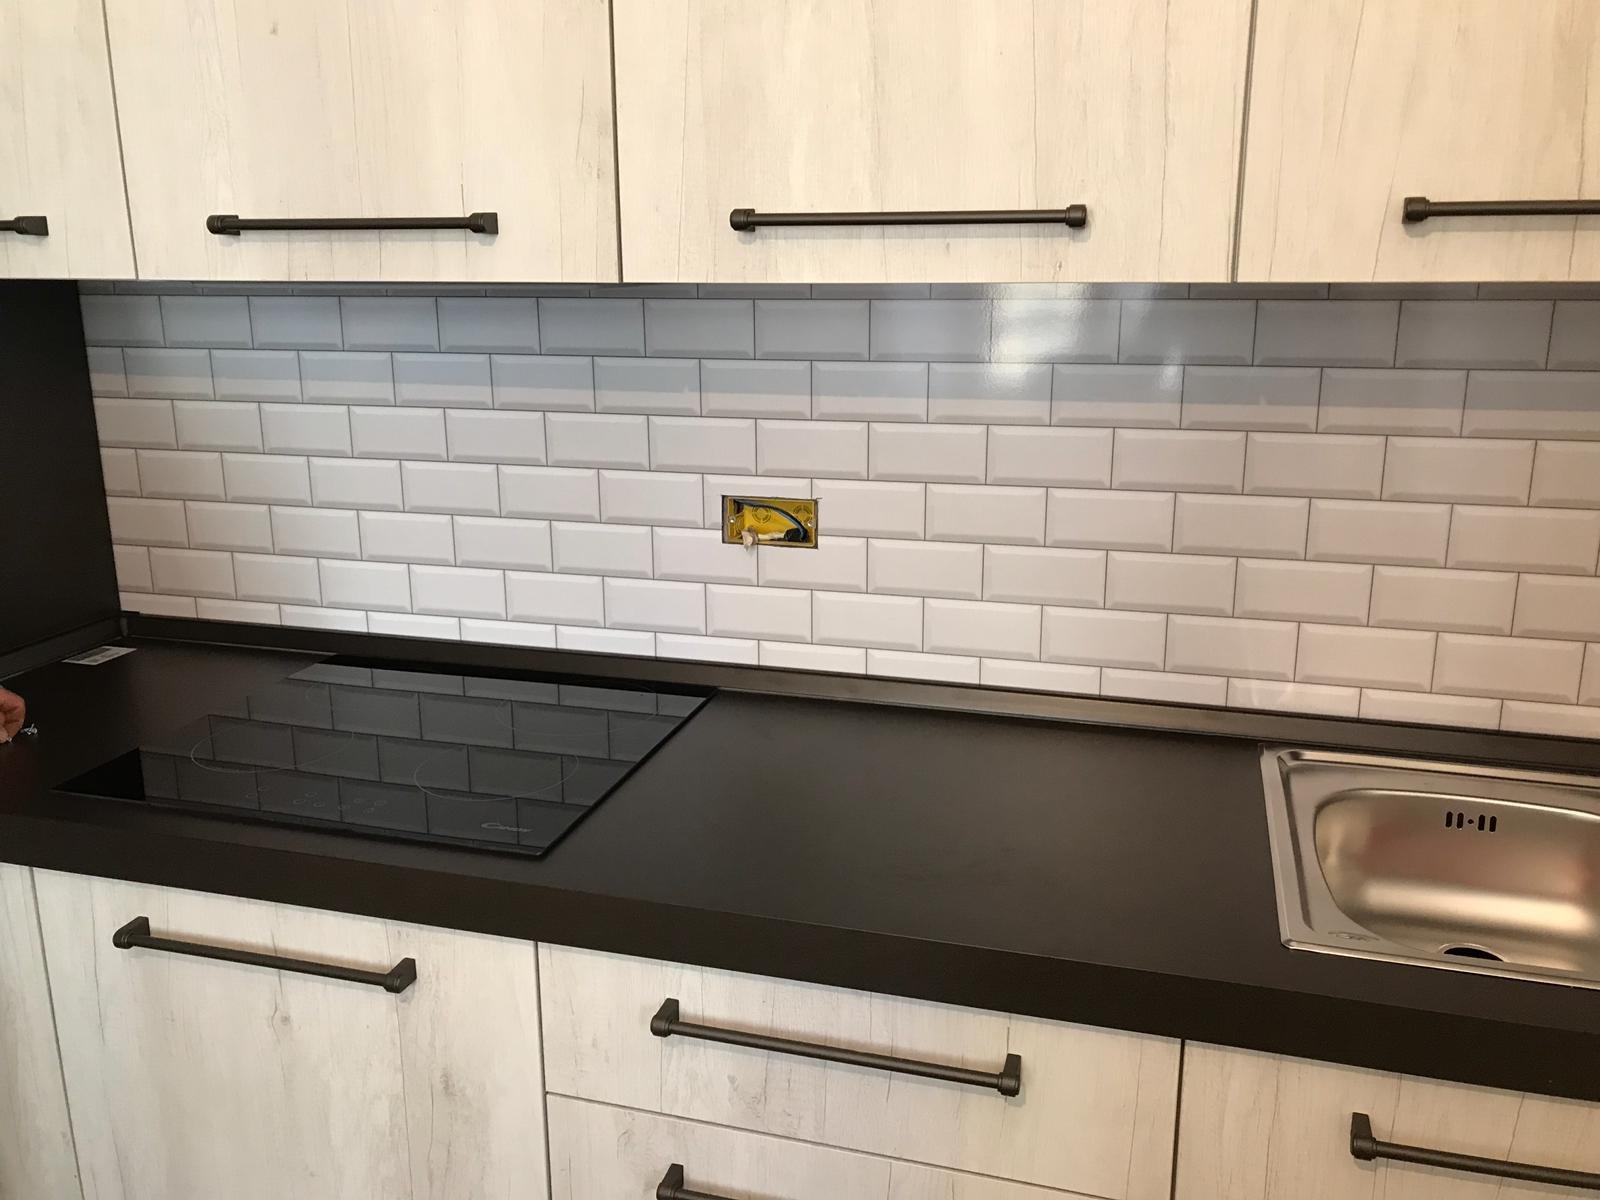 Pannelli in alluminio per decorazione cucine | DigitalLine